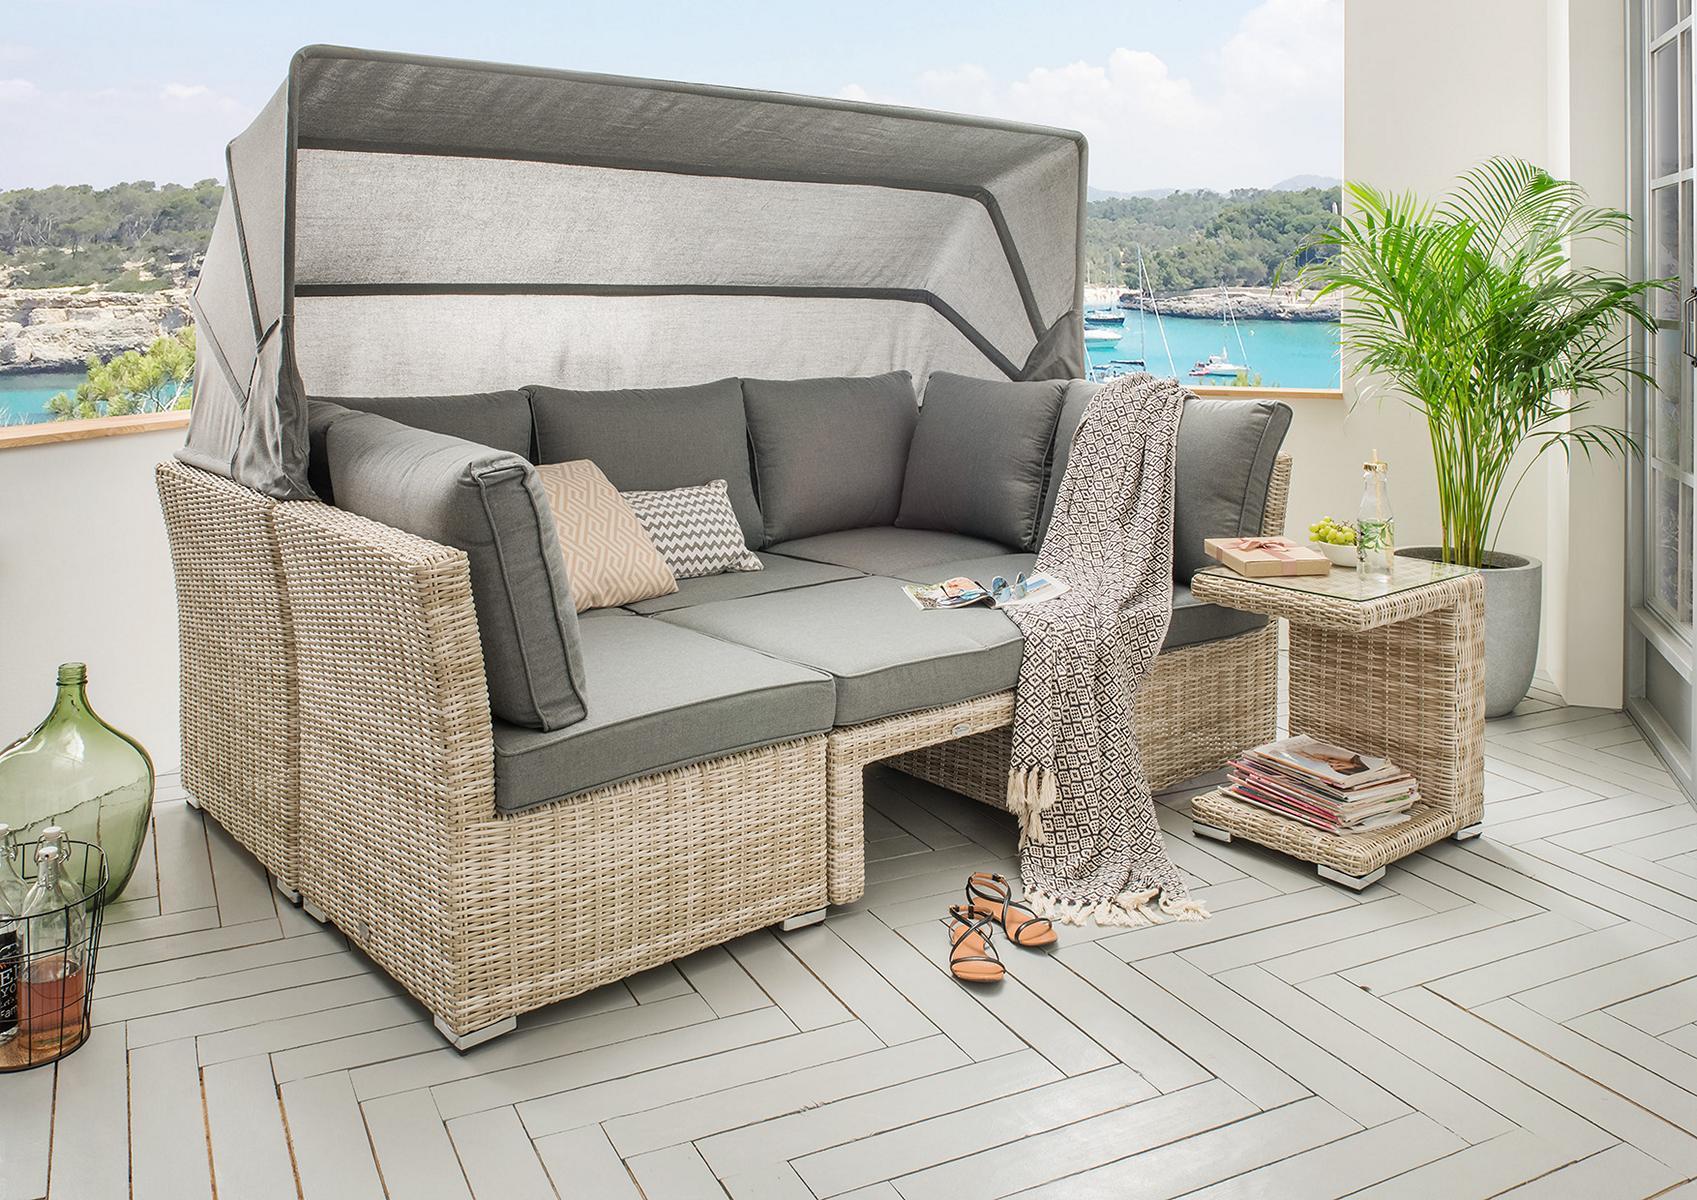 h g gartenm bel shop lounge polyrattan teakm bel. Black Bedroom Furniture Sets. Home Design Ideas